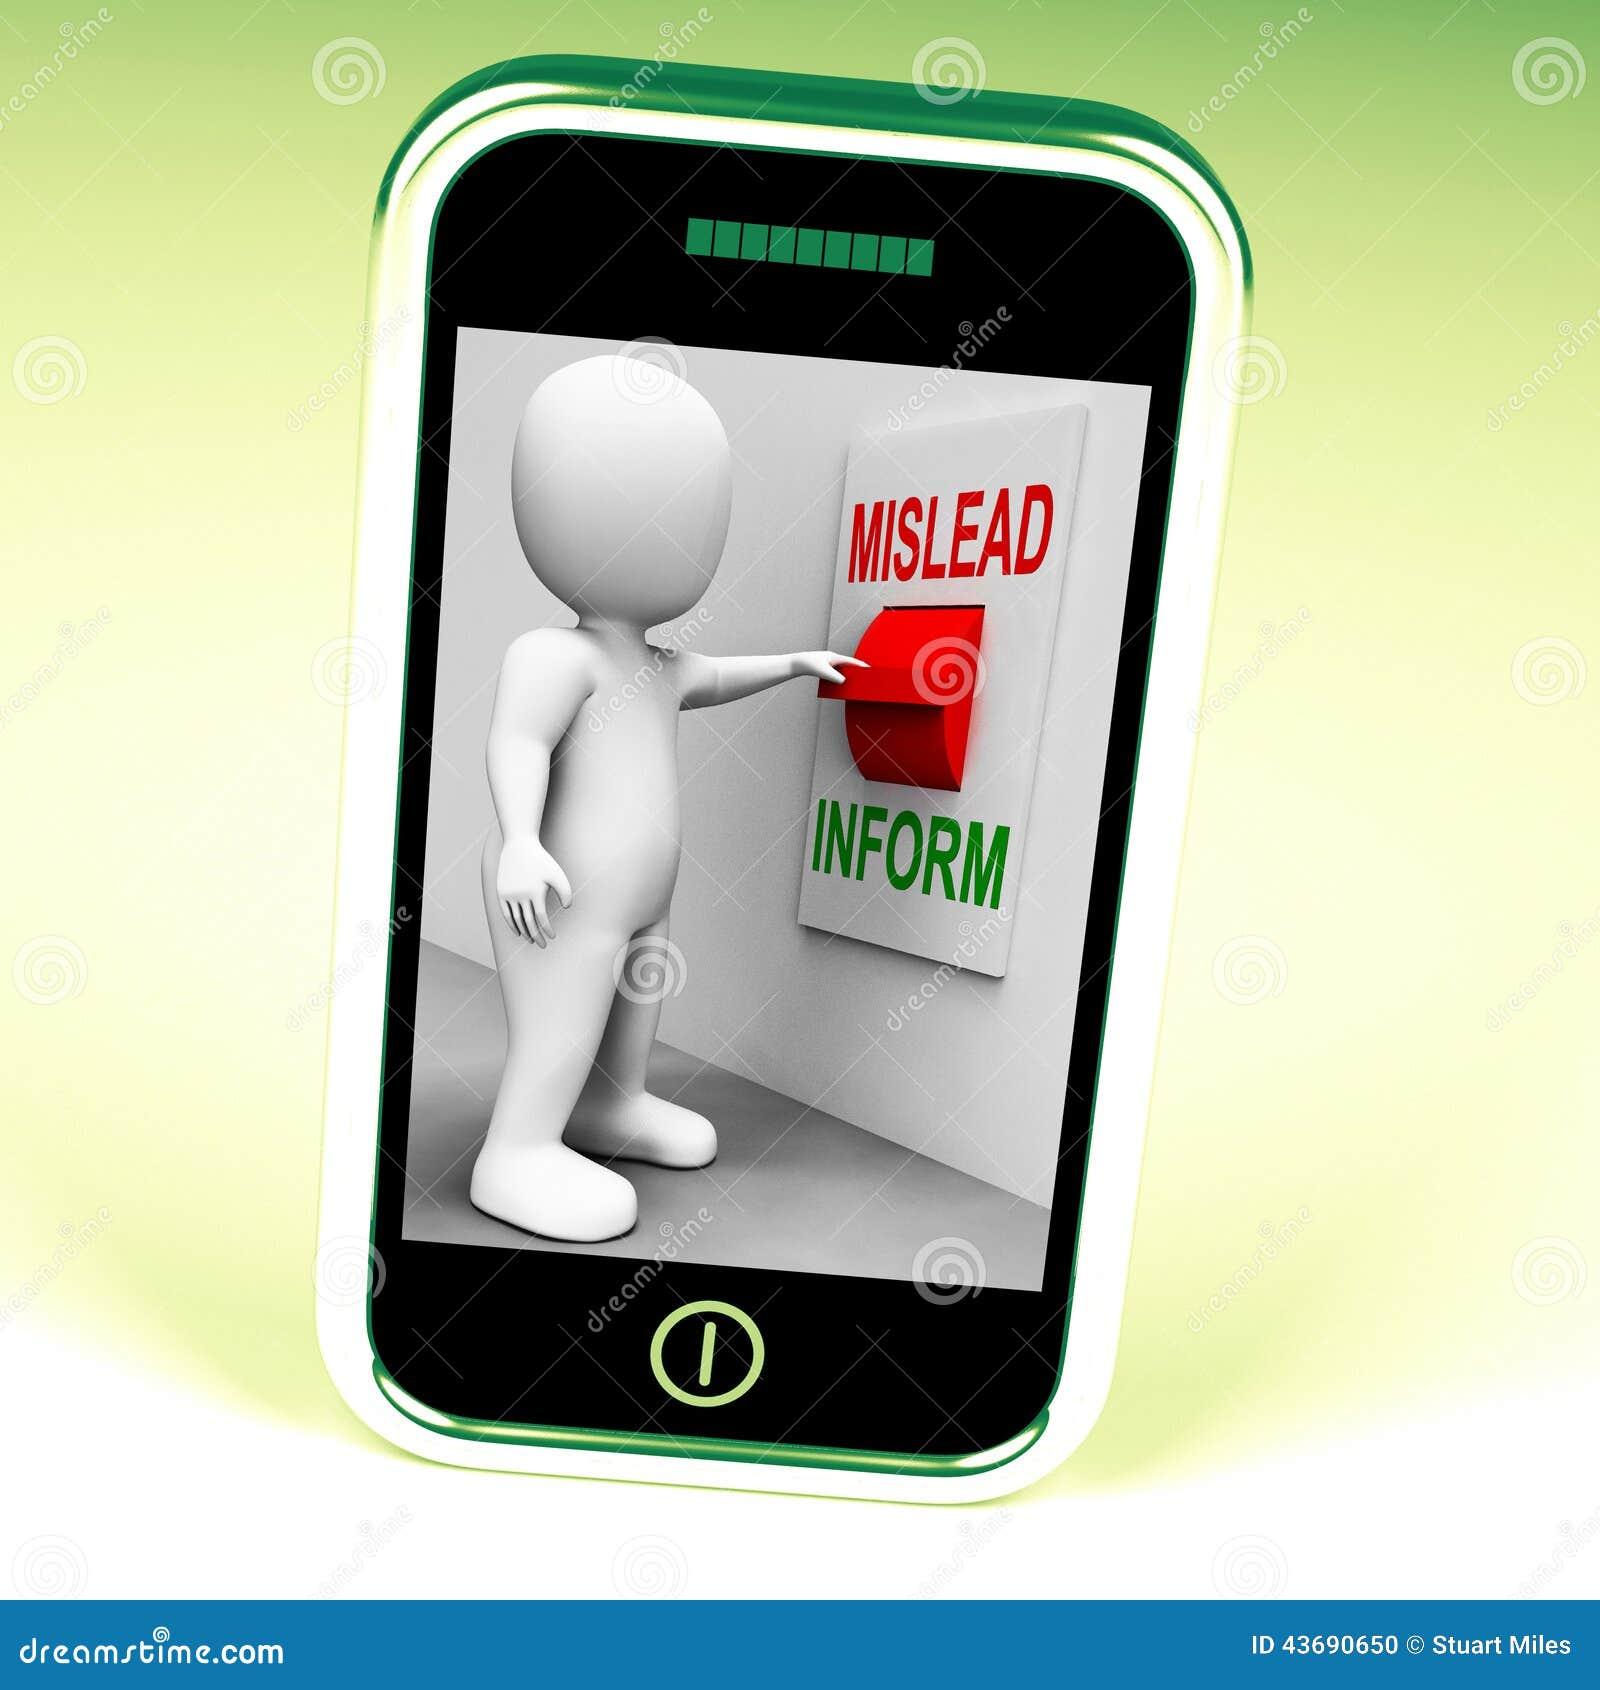 Führen Sie informieren die irreführenden Schalter-Shows oder informativen Rat irre